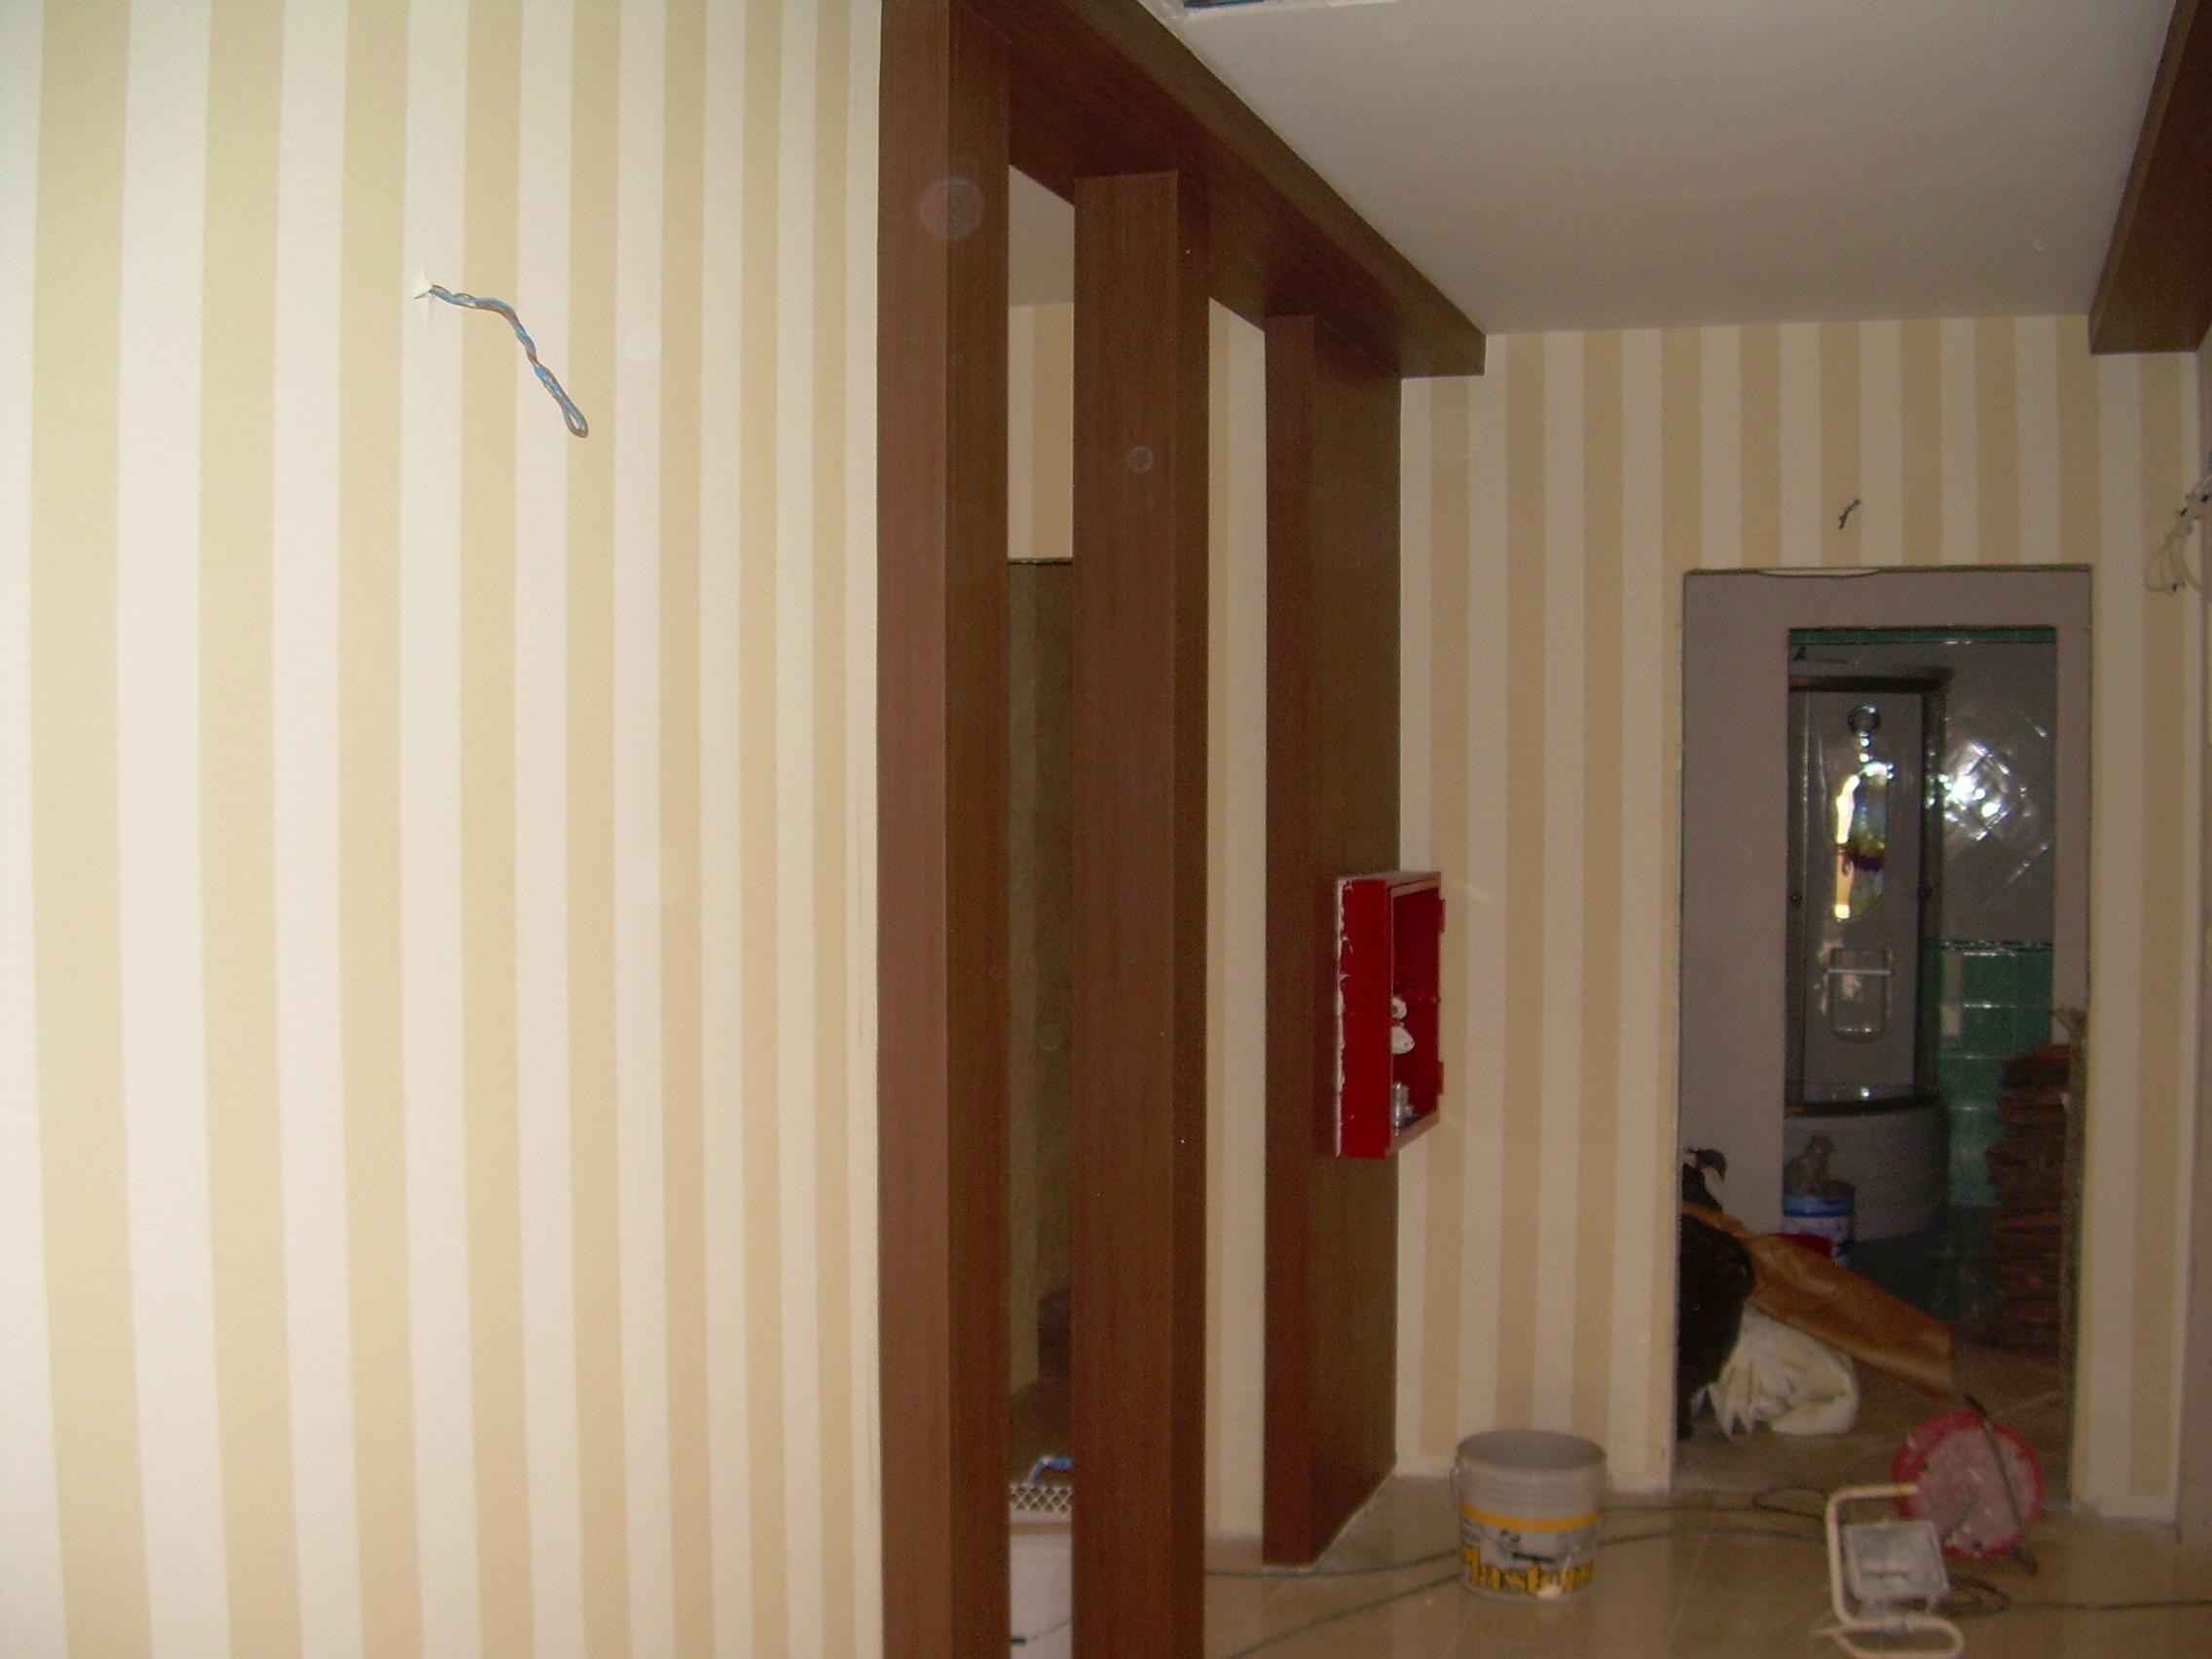 Lucrari de amenajare interioare cu tapet  - Poza 13